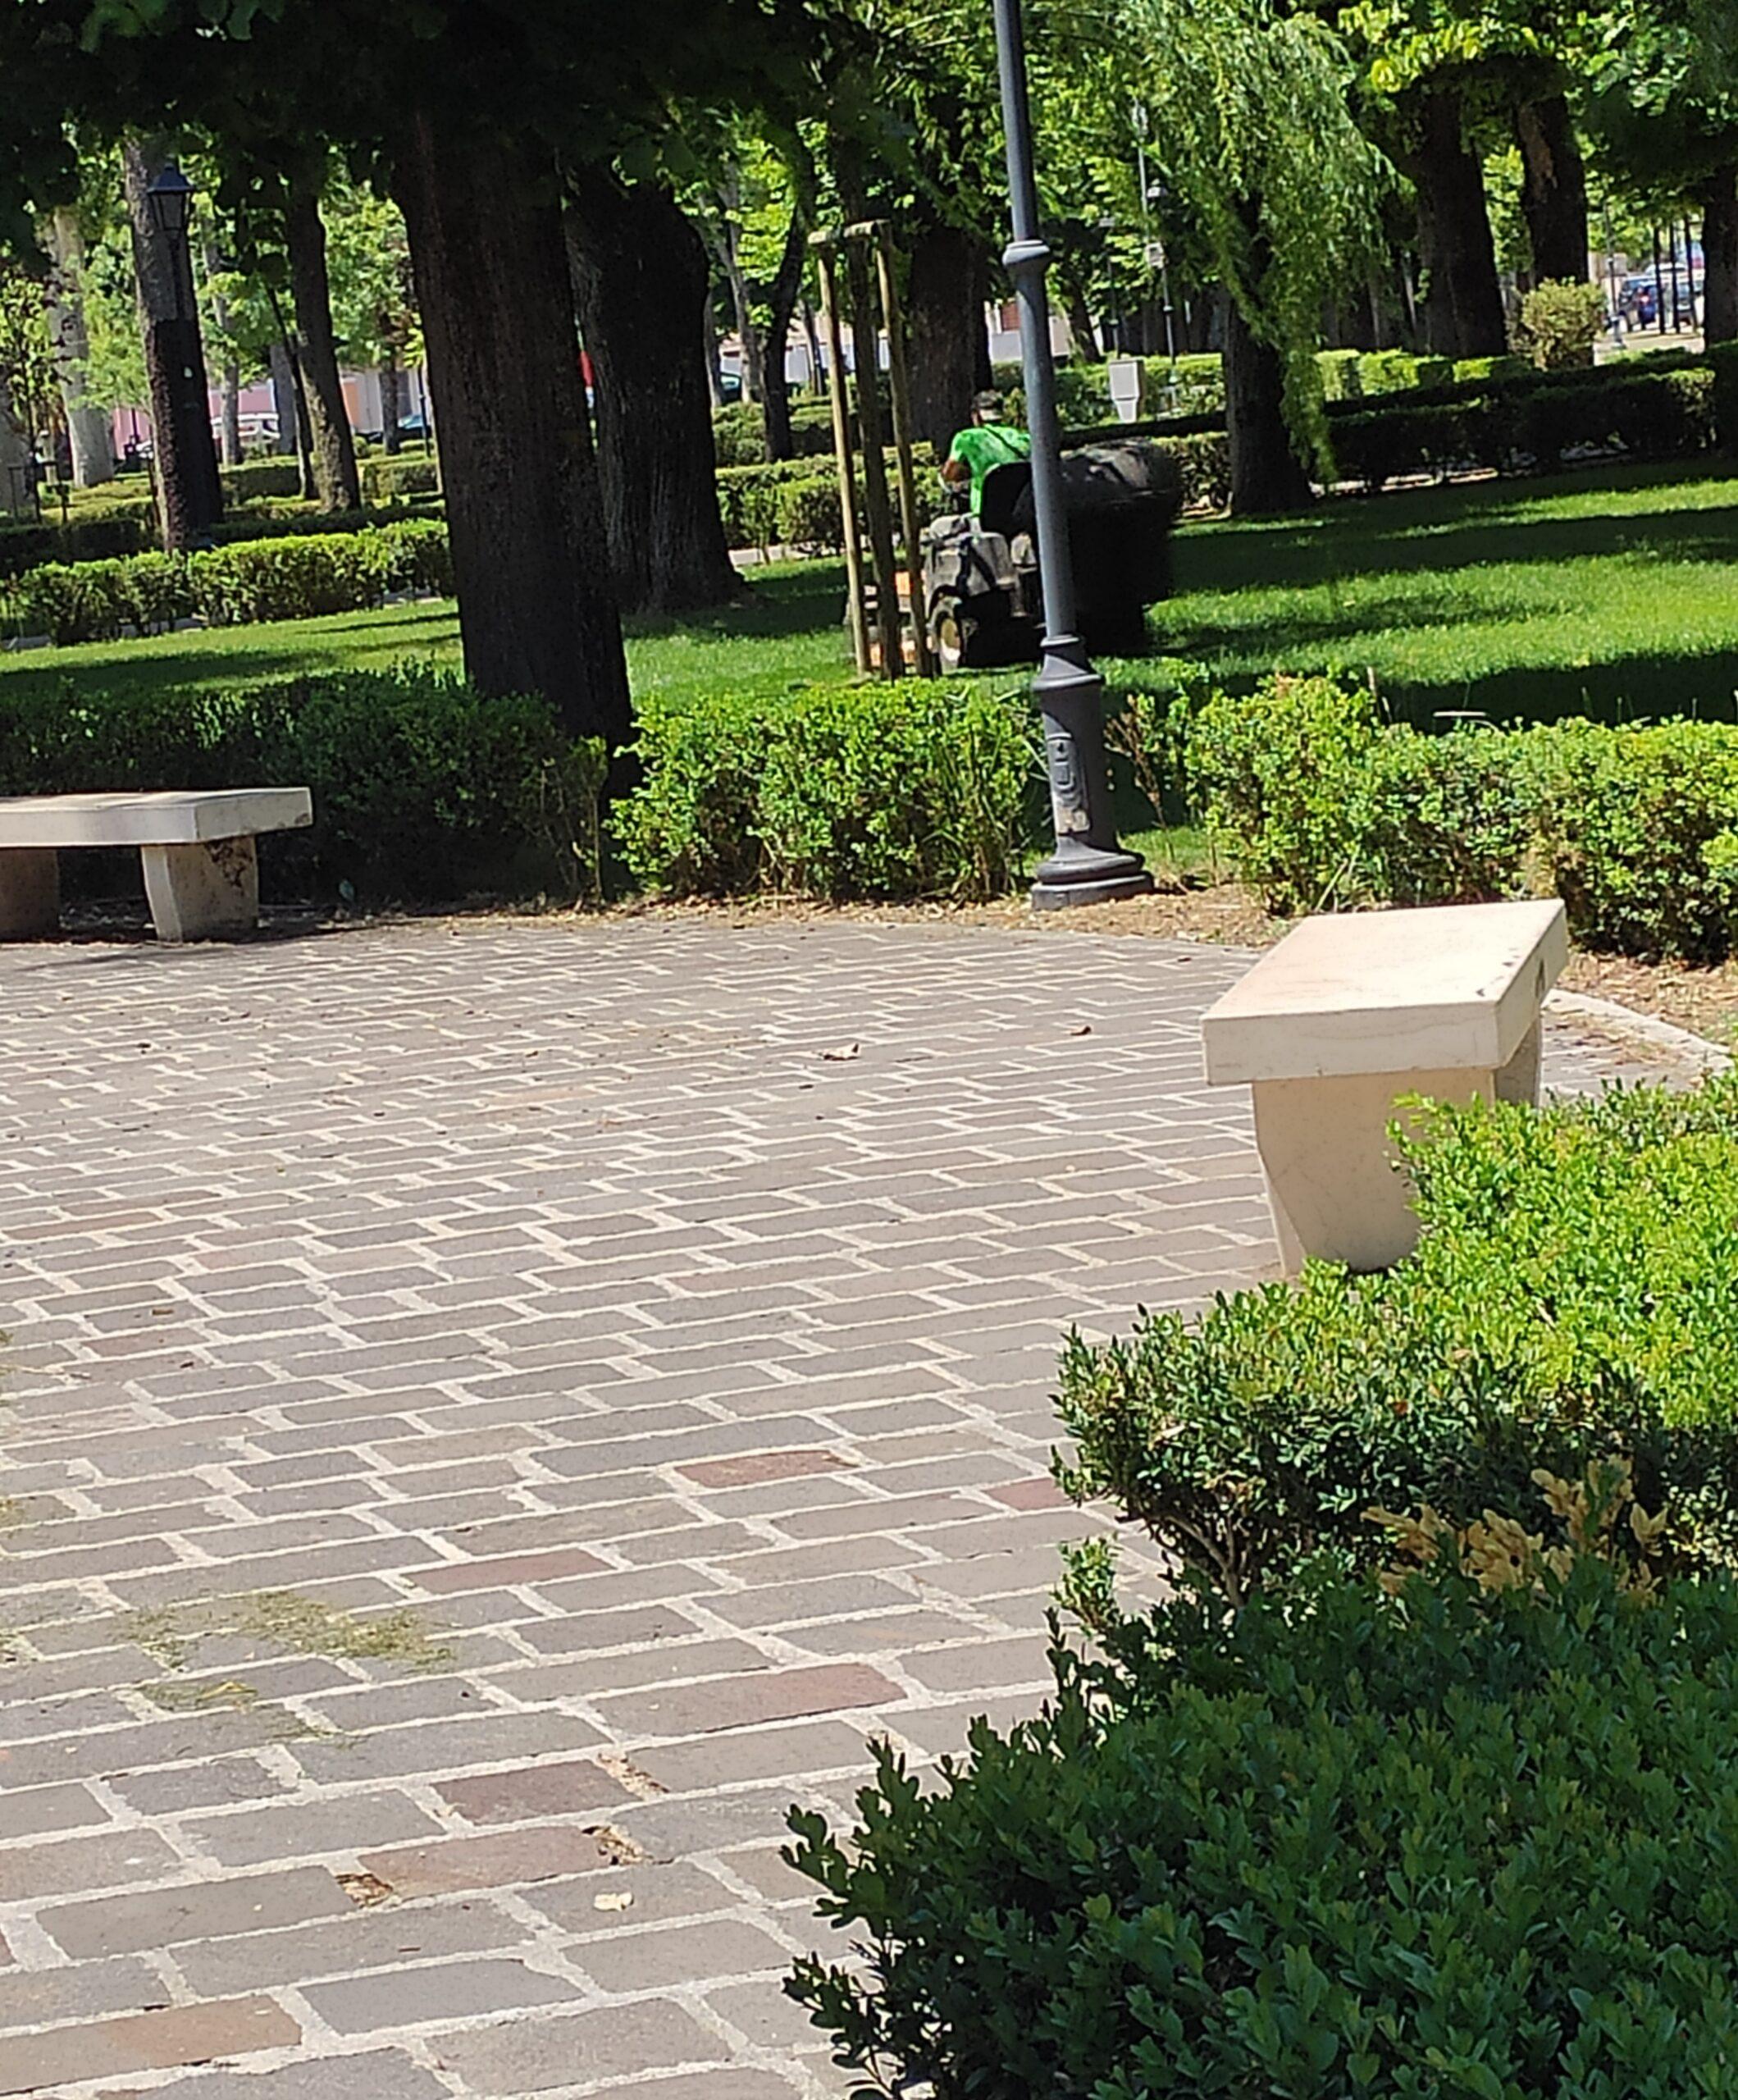 Manutenzione verde urbano ad Avezzano, operazioni di potatura e pulizia in pineta ed a piazza Torlonia